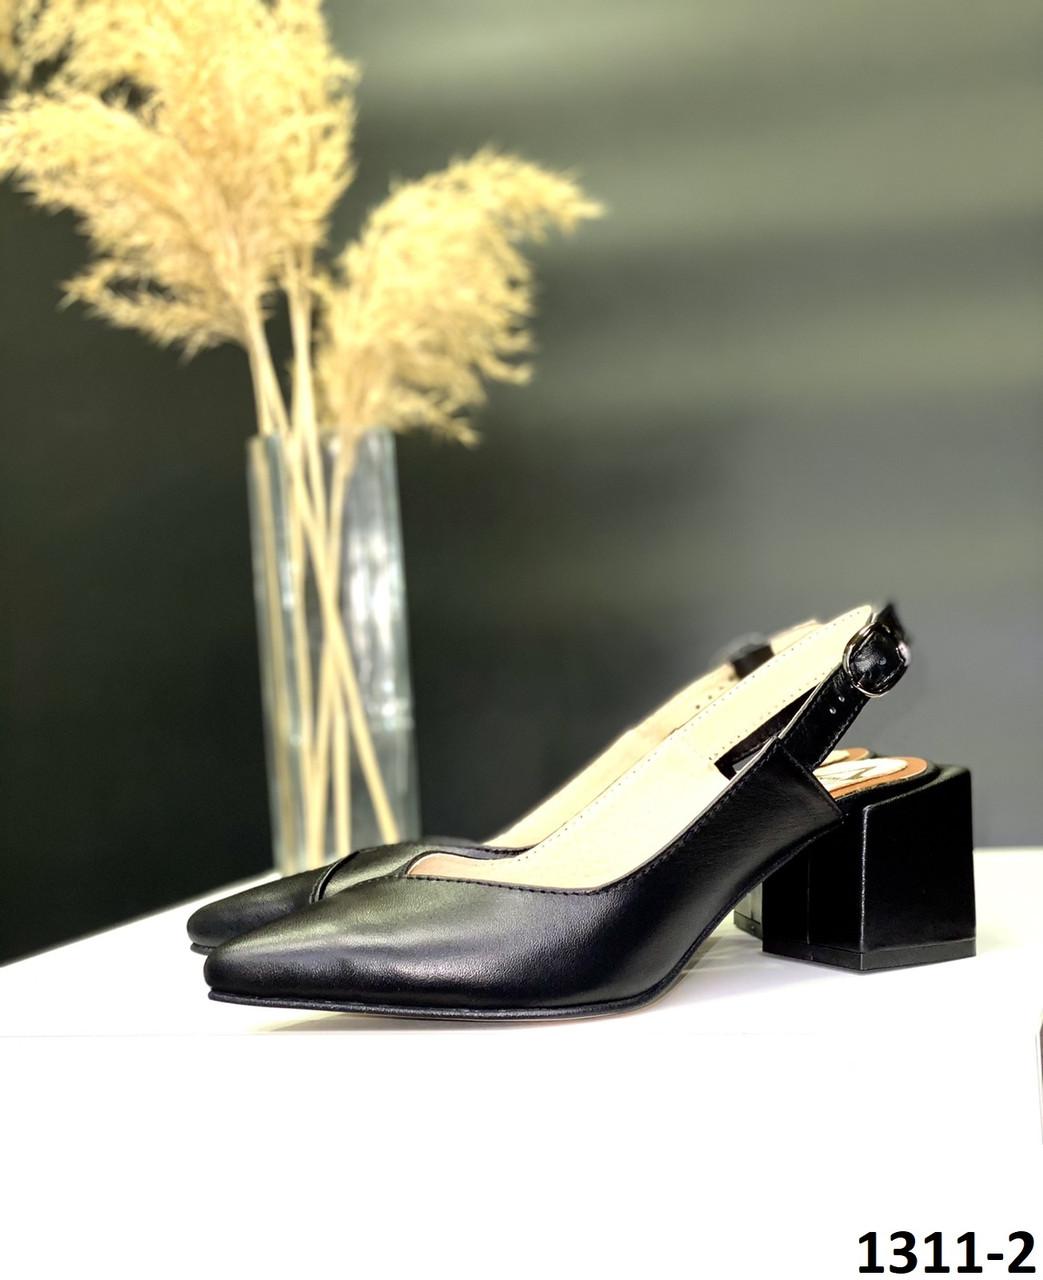 Босоніжки жіночі шкіряні чорні закритий гострий носочок з відкритою п'ятою на квадратному каблуці